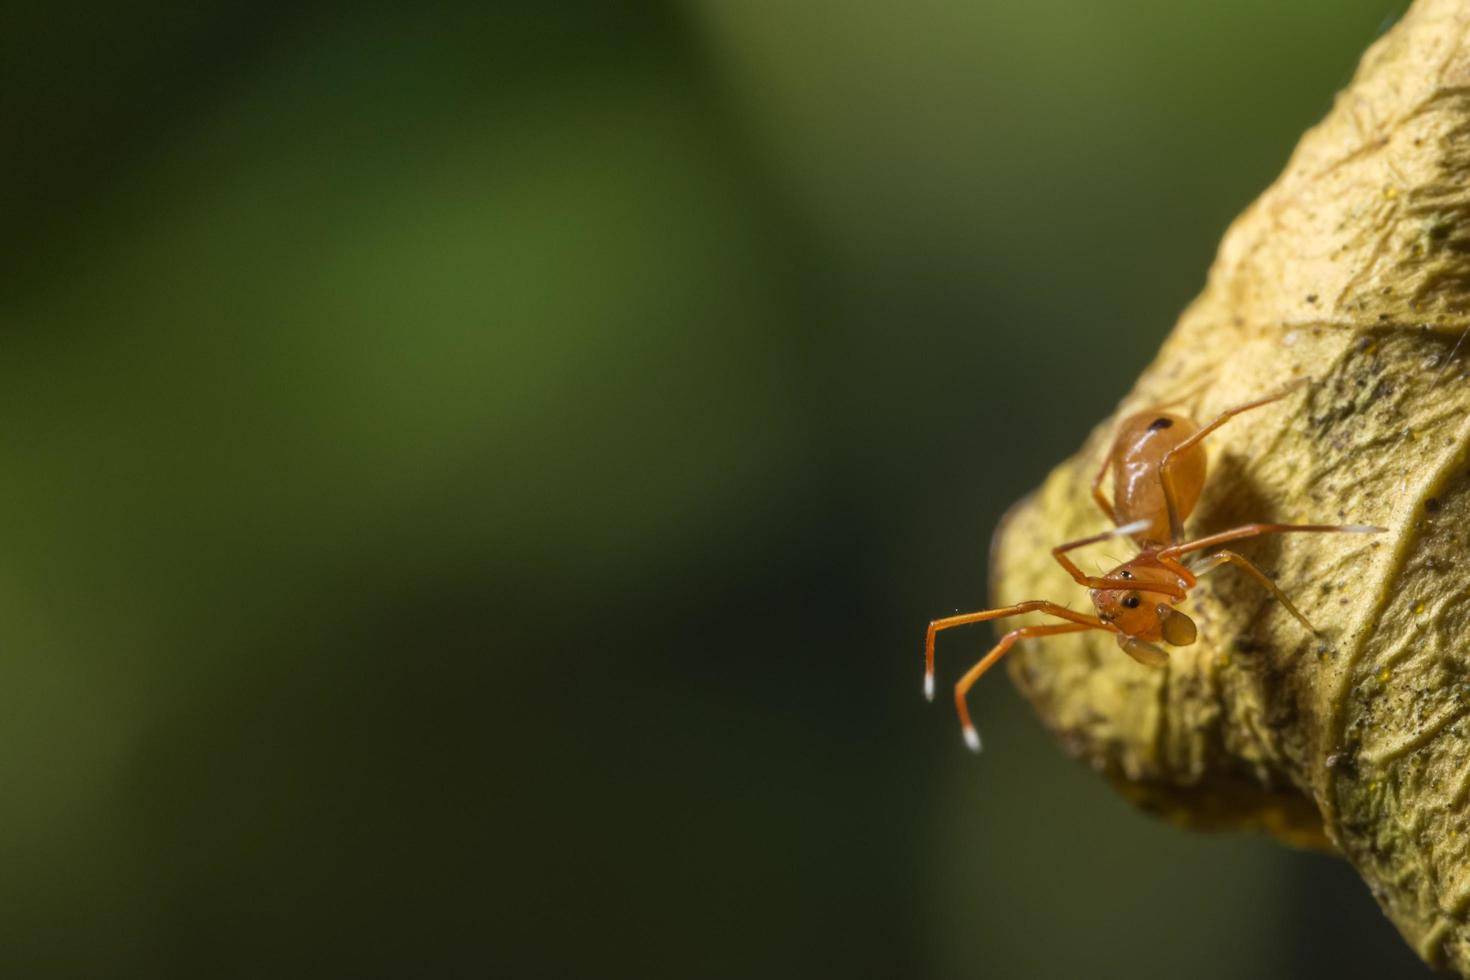 Spinne auf einem Blatt, Nahaufnahme. foto